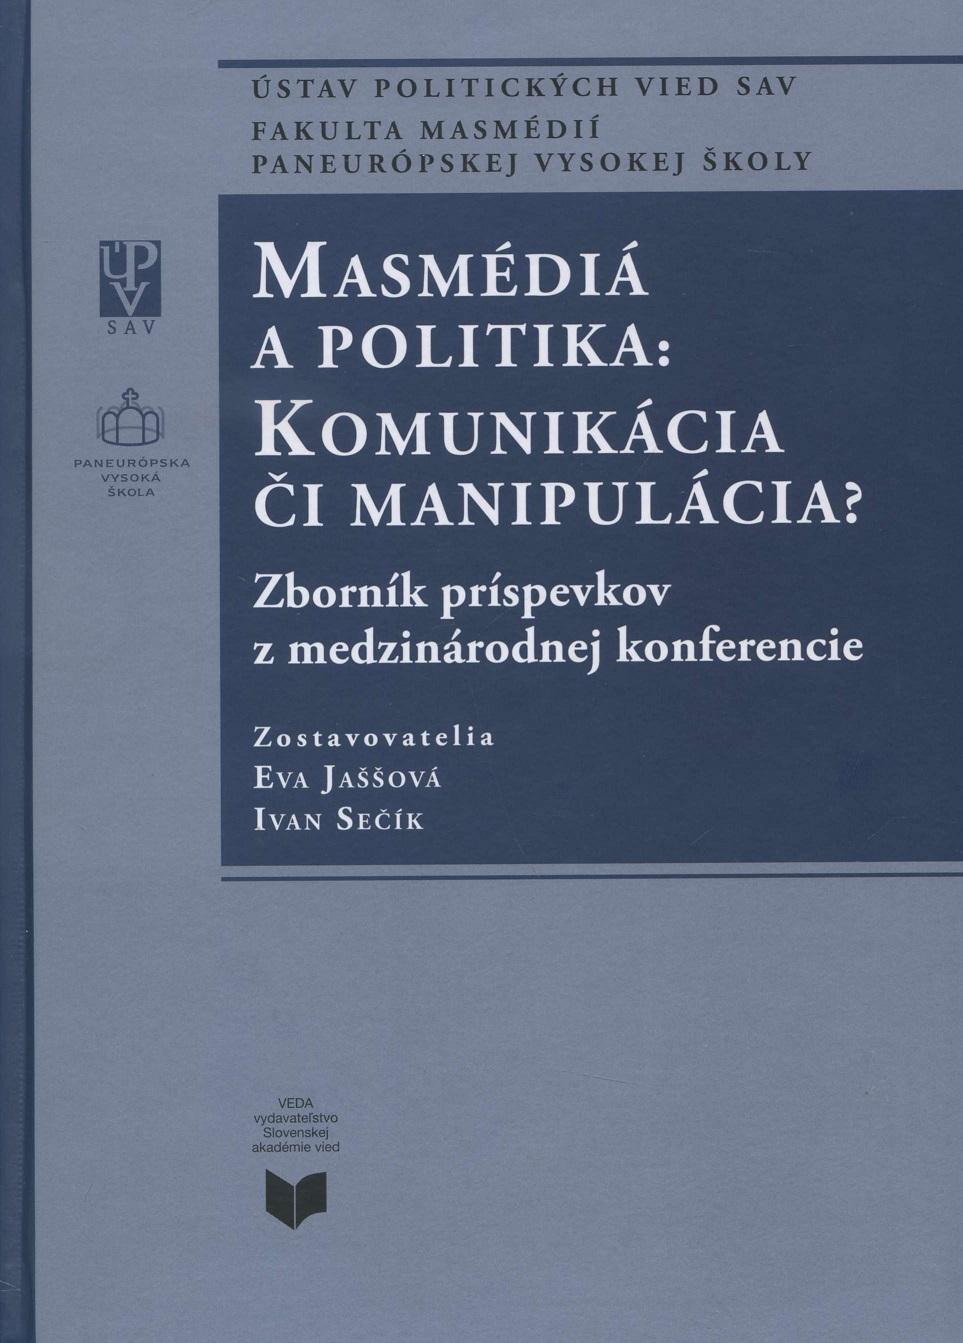 Masmédiá a politika: Komunikácia či manipulácia? - Zborník príspevkov z medzinárodnej konferencie